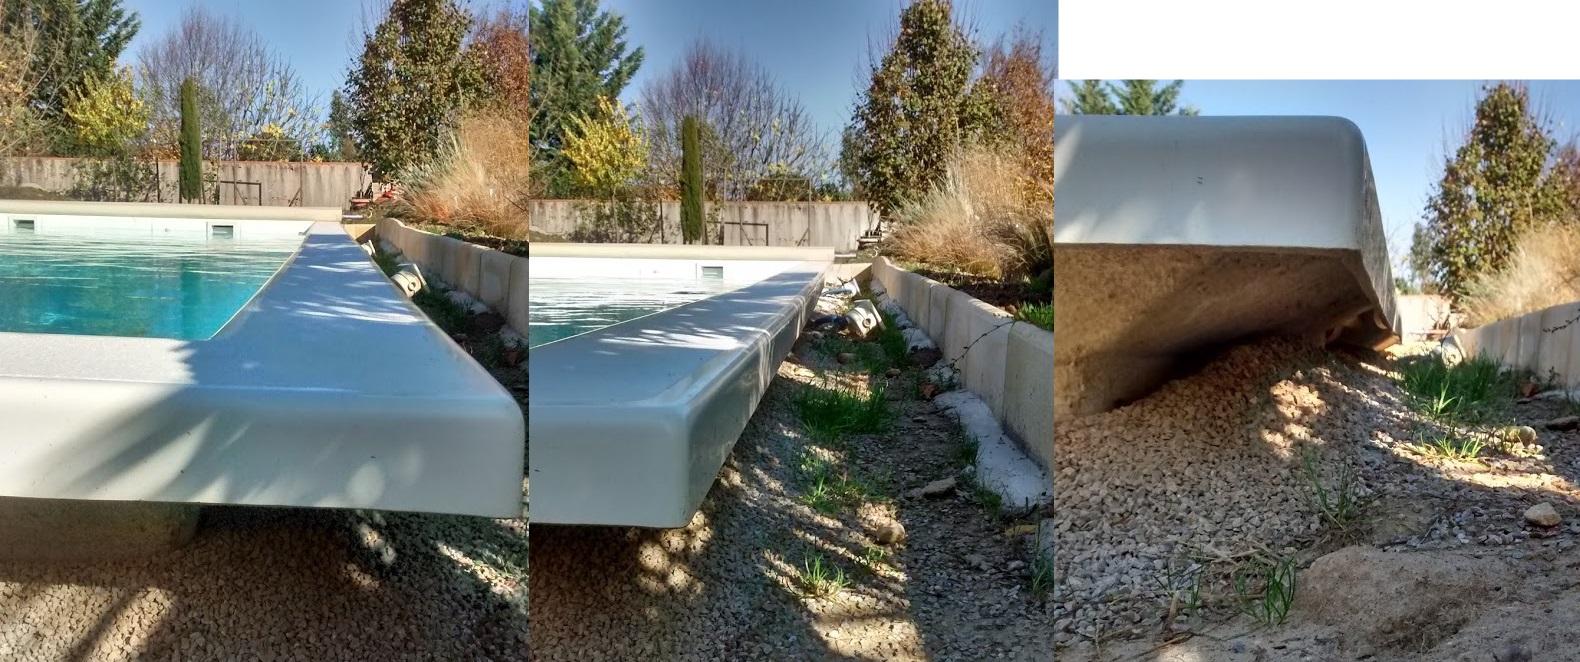 comment faire le lien avec une piscine terrasse en bois comment construire votre guide. Black Bedroom Furniture Sets. Home Design Ideas